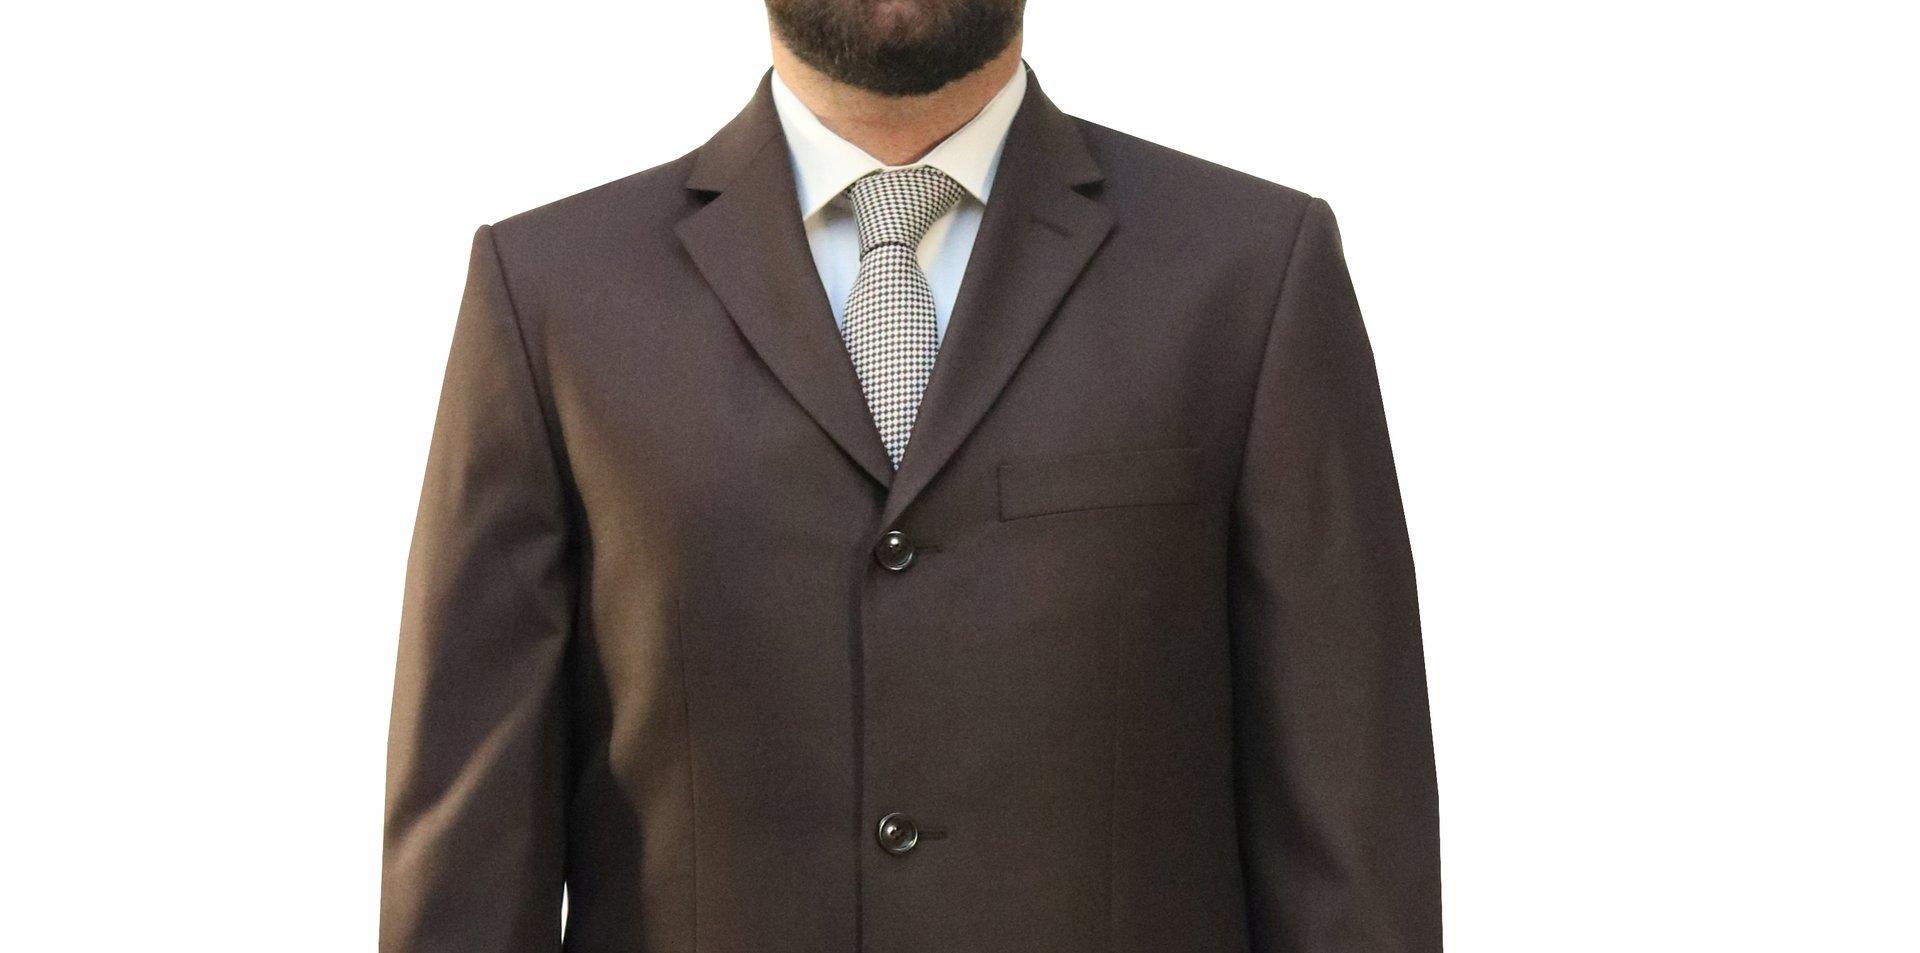 Gehrock Herren Manner Anzug Longsakko Hochzeit Mode